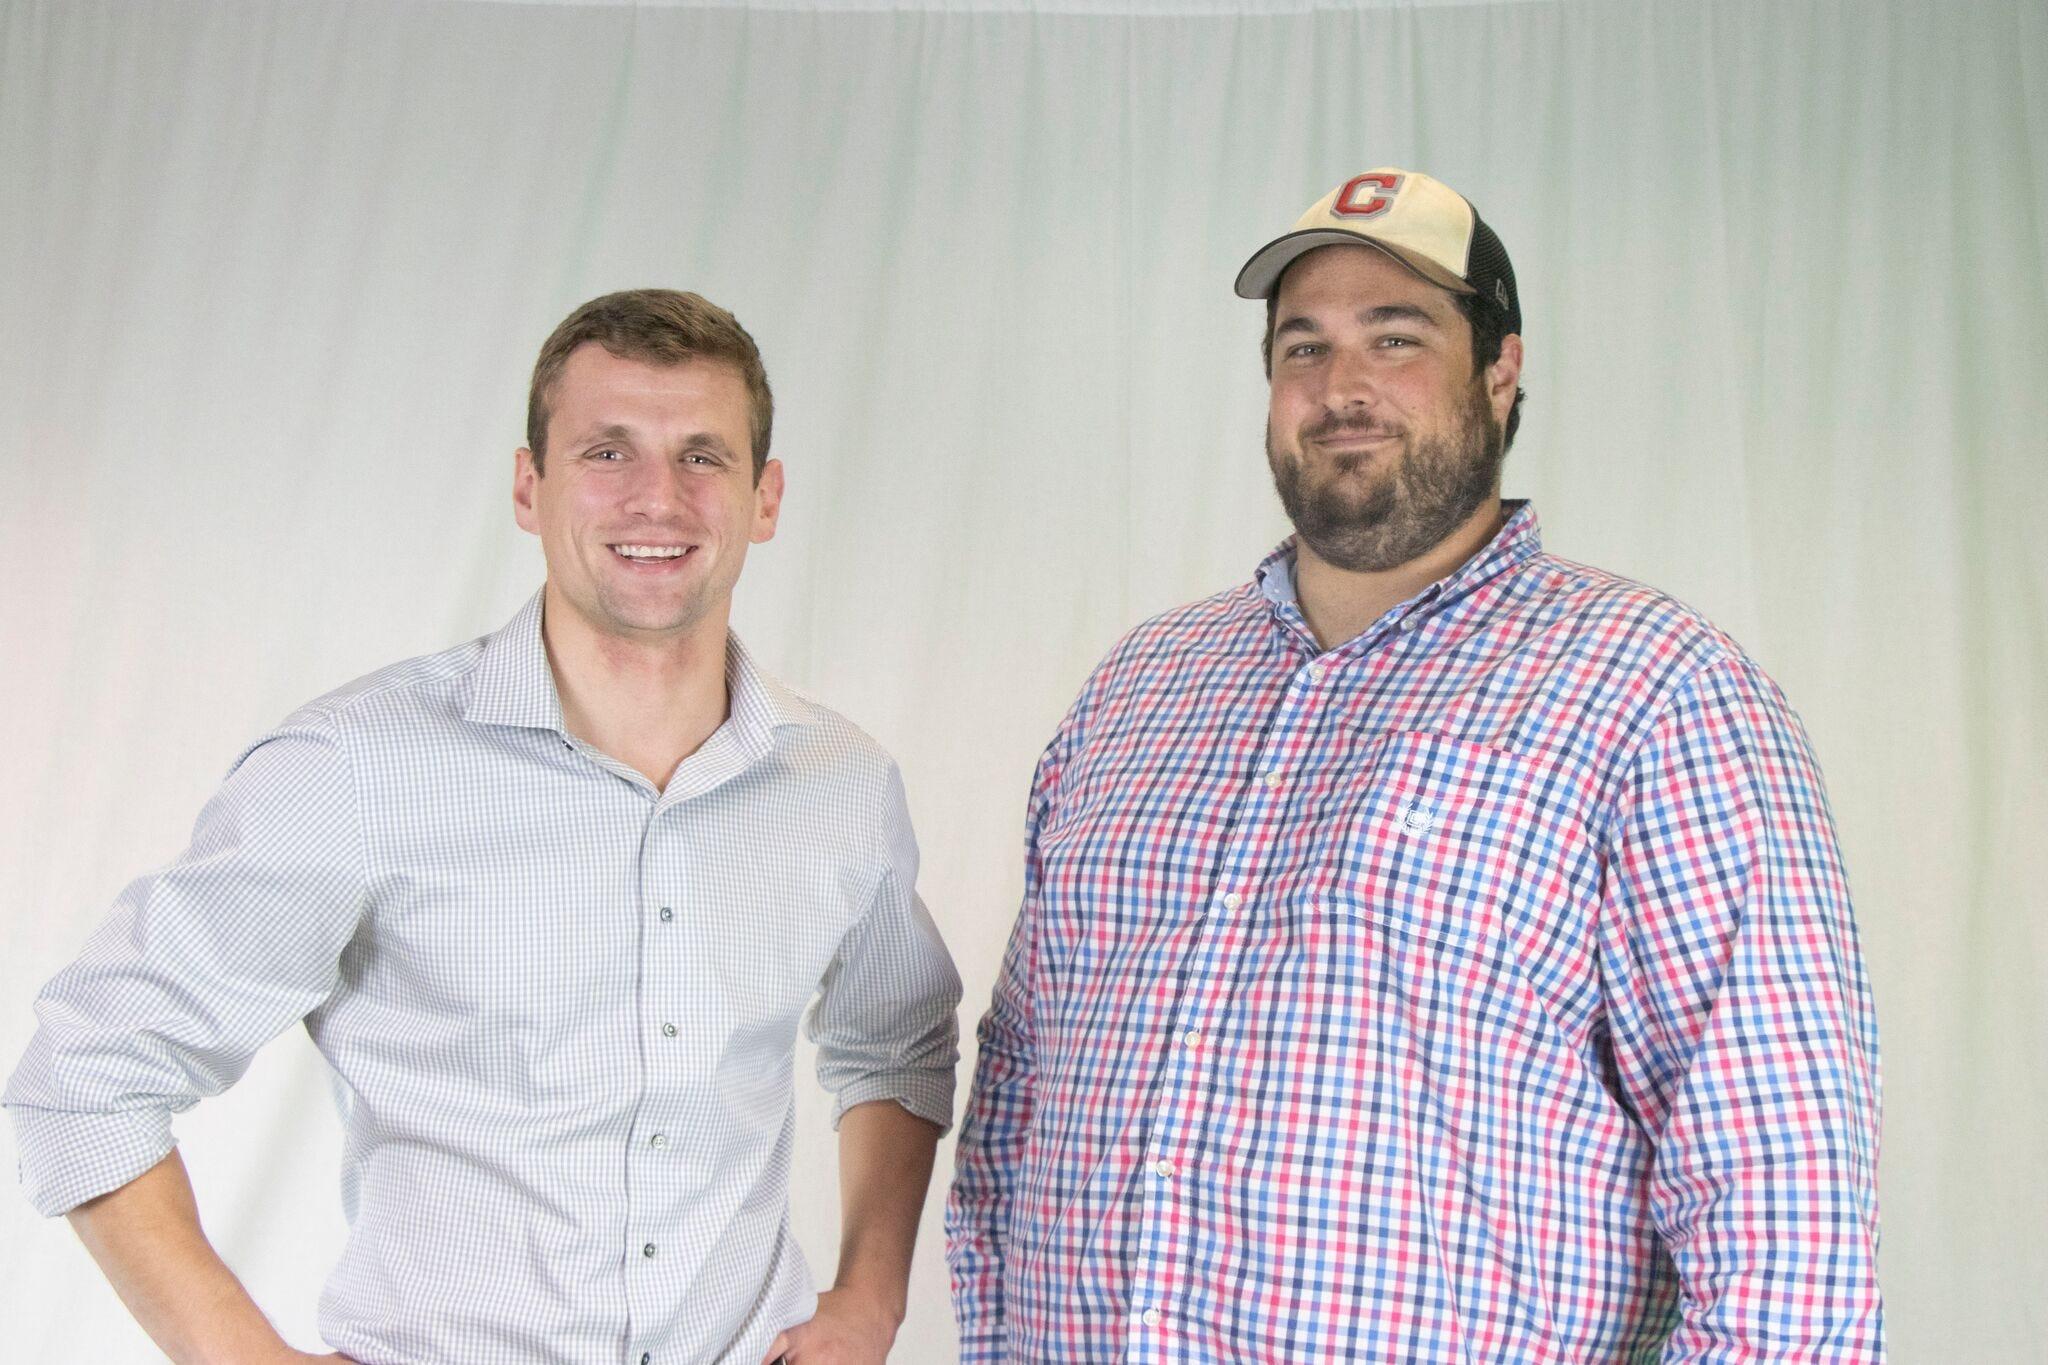 Wilson & Parcell | WFNZ | 102.5 FM 610 AM | The Fan | Charlotte's Sports  Leader